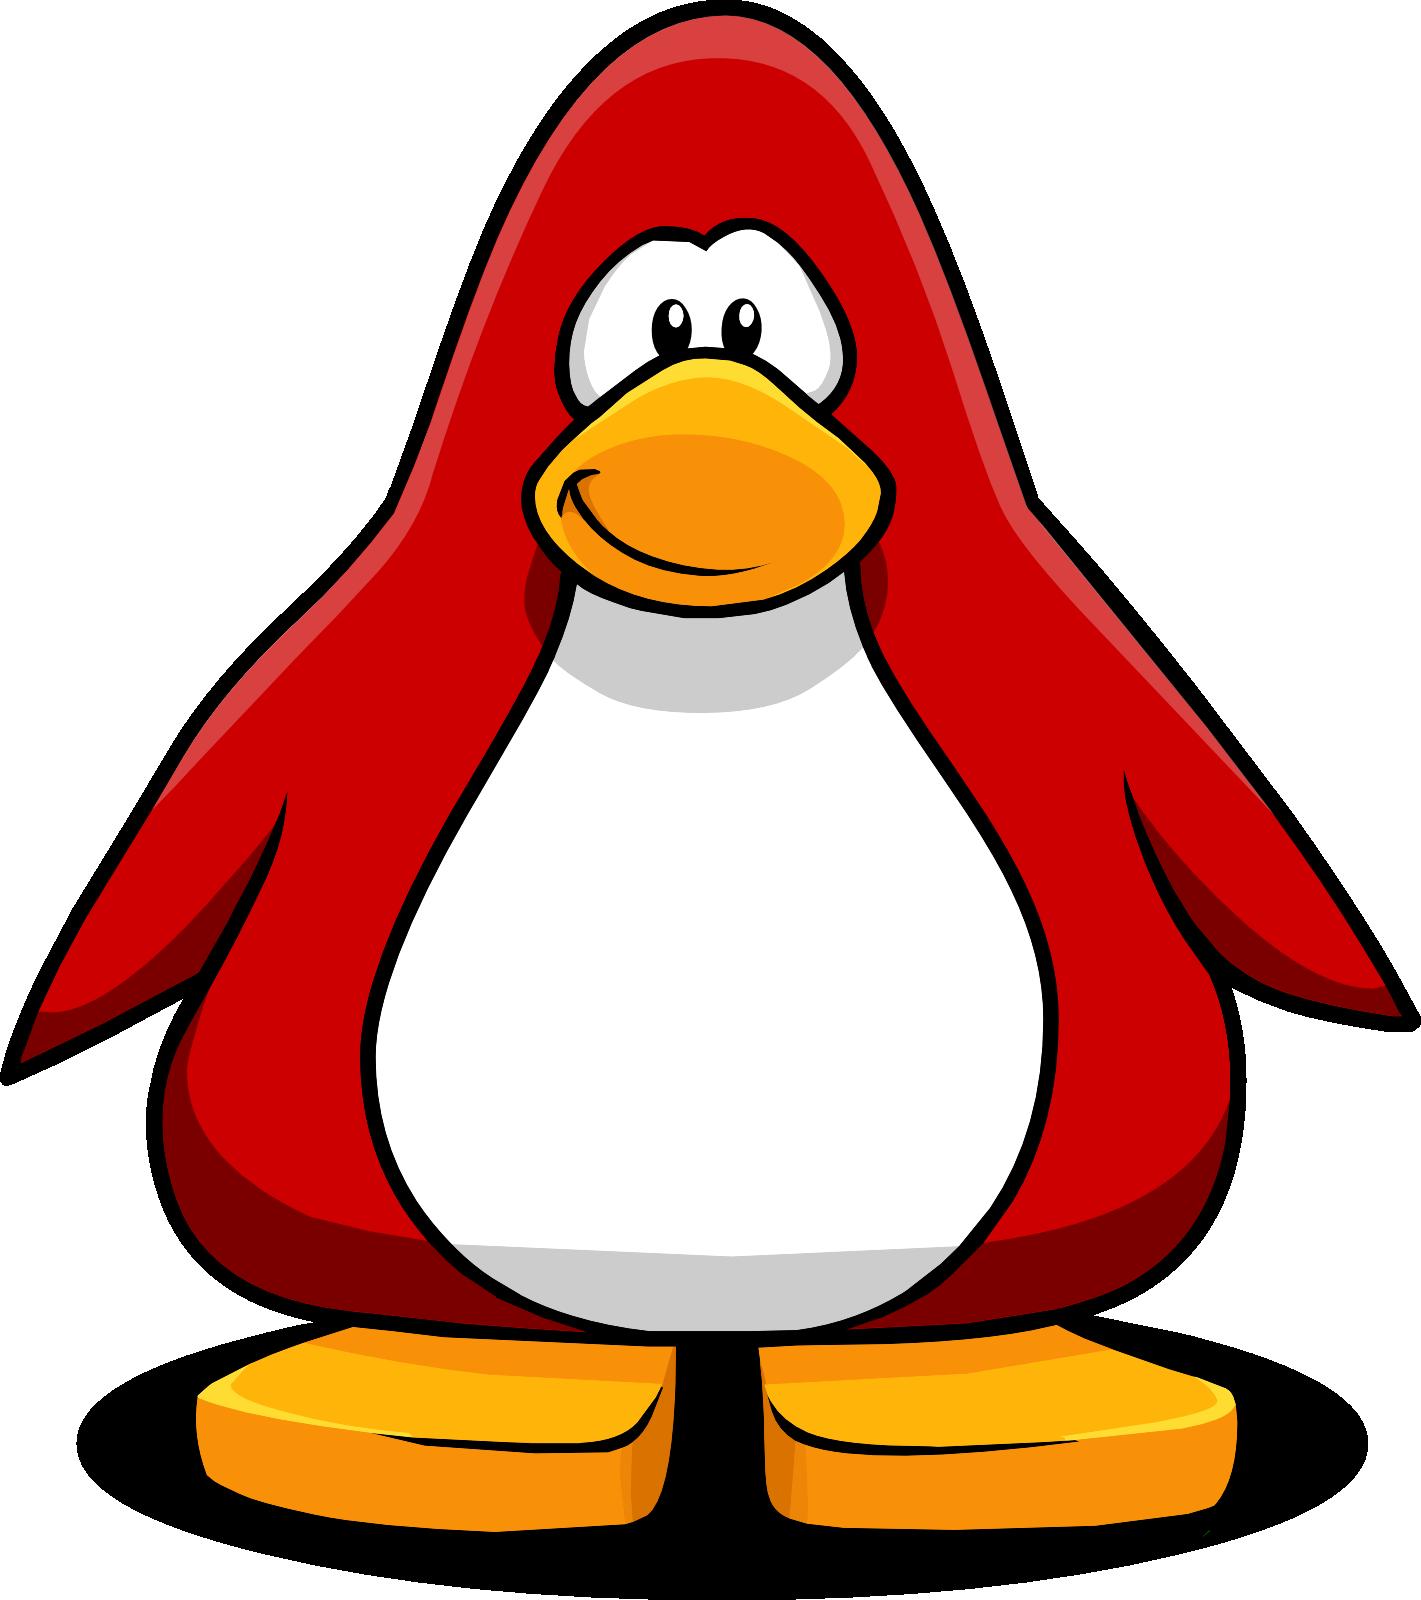 red club penguin wiki fandom powered by wikia